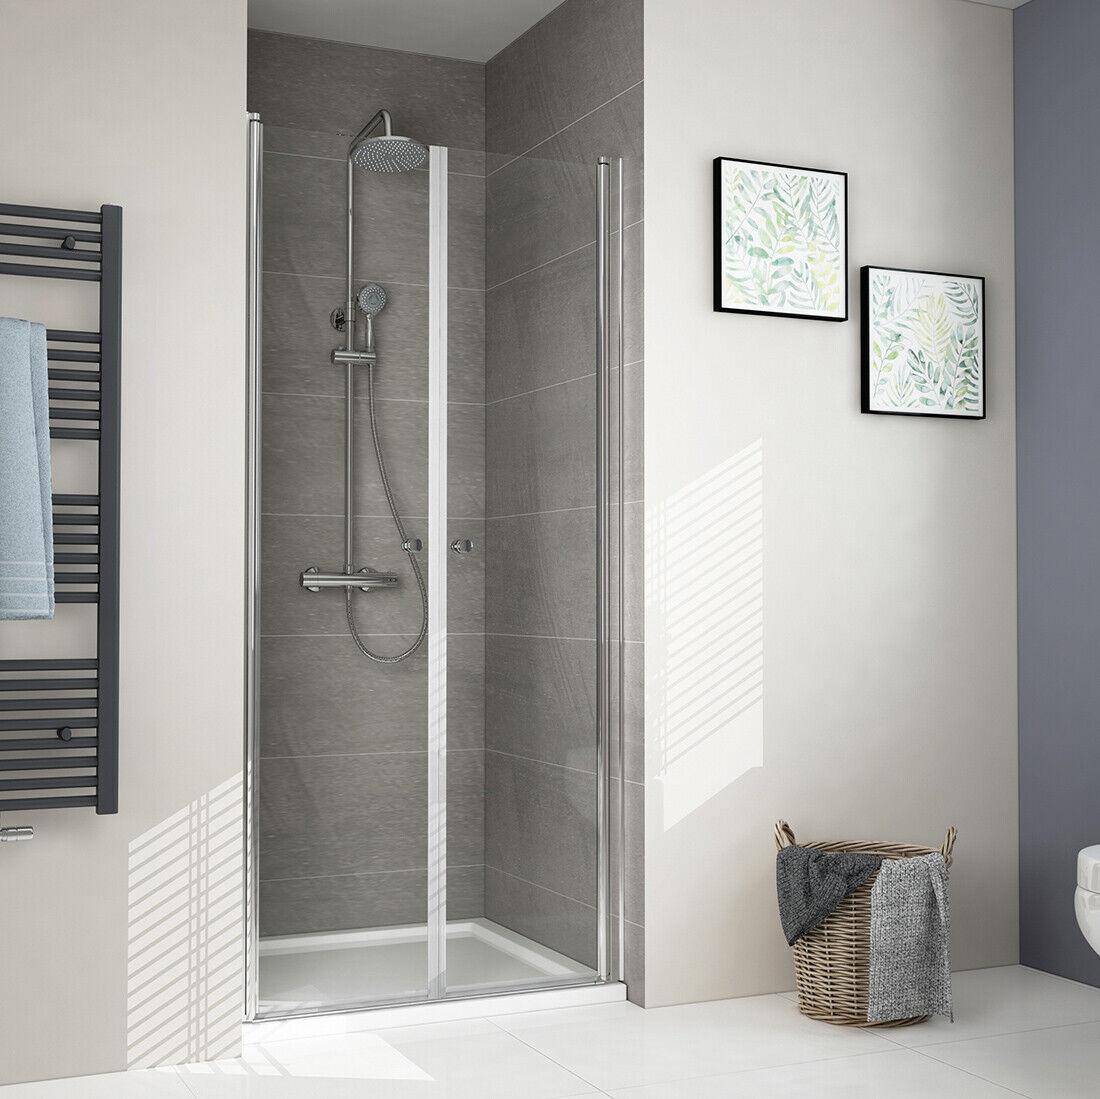 Duschtür Dusche Pendeltür 100 90 80 70 cm Nische Schwingtür Duschkabine Echtglas